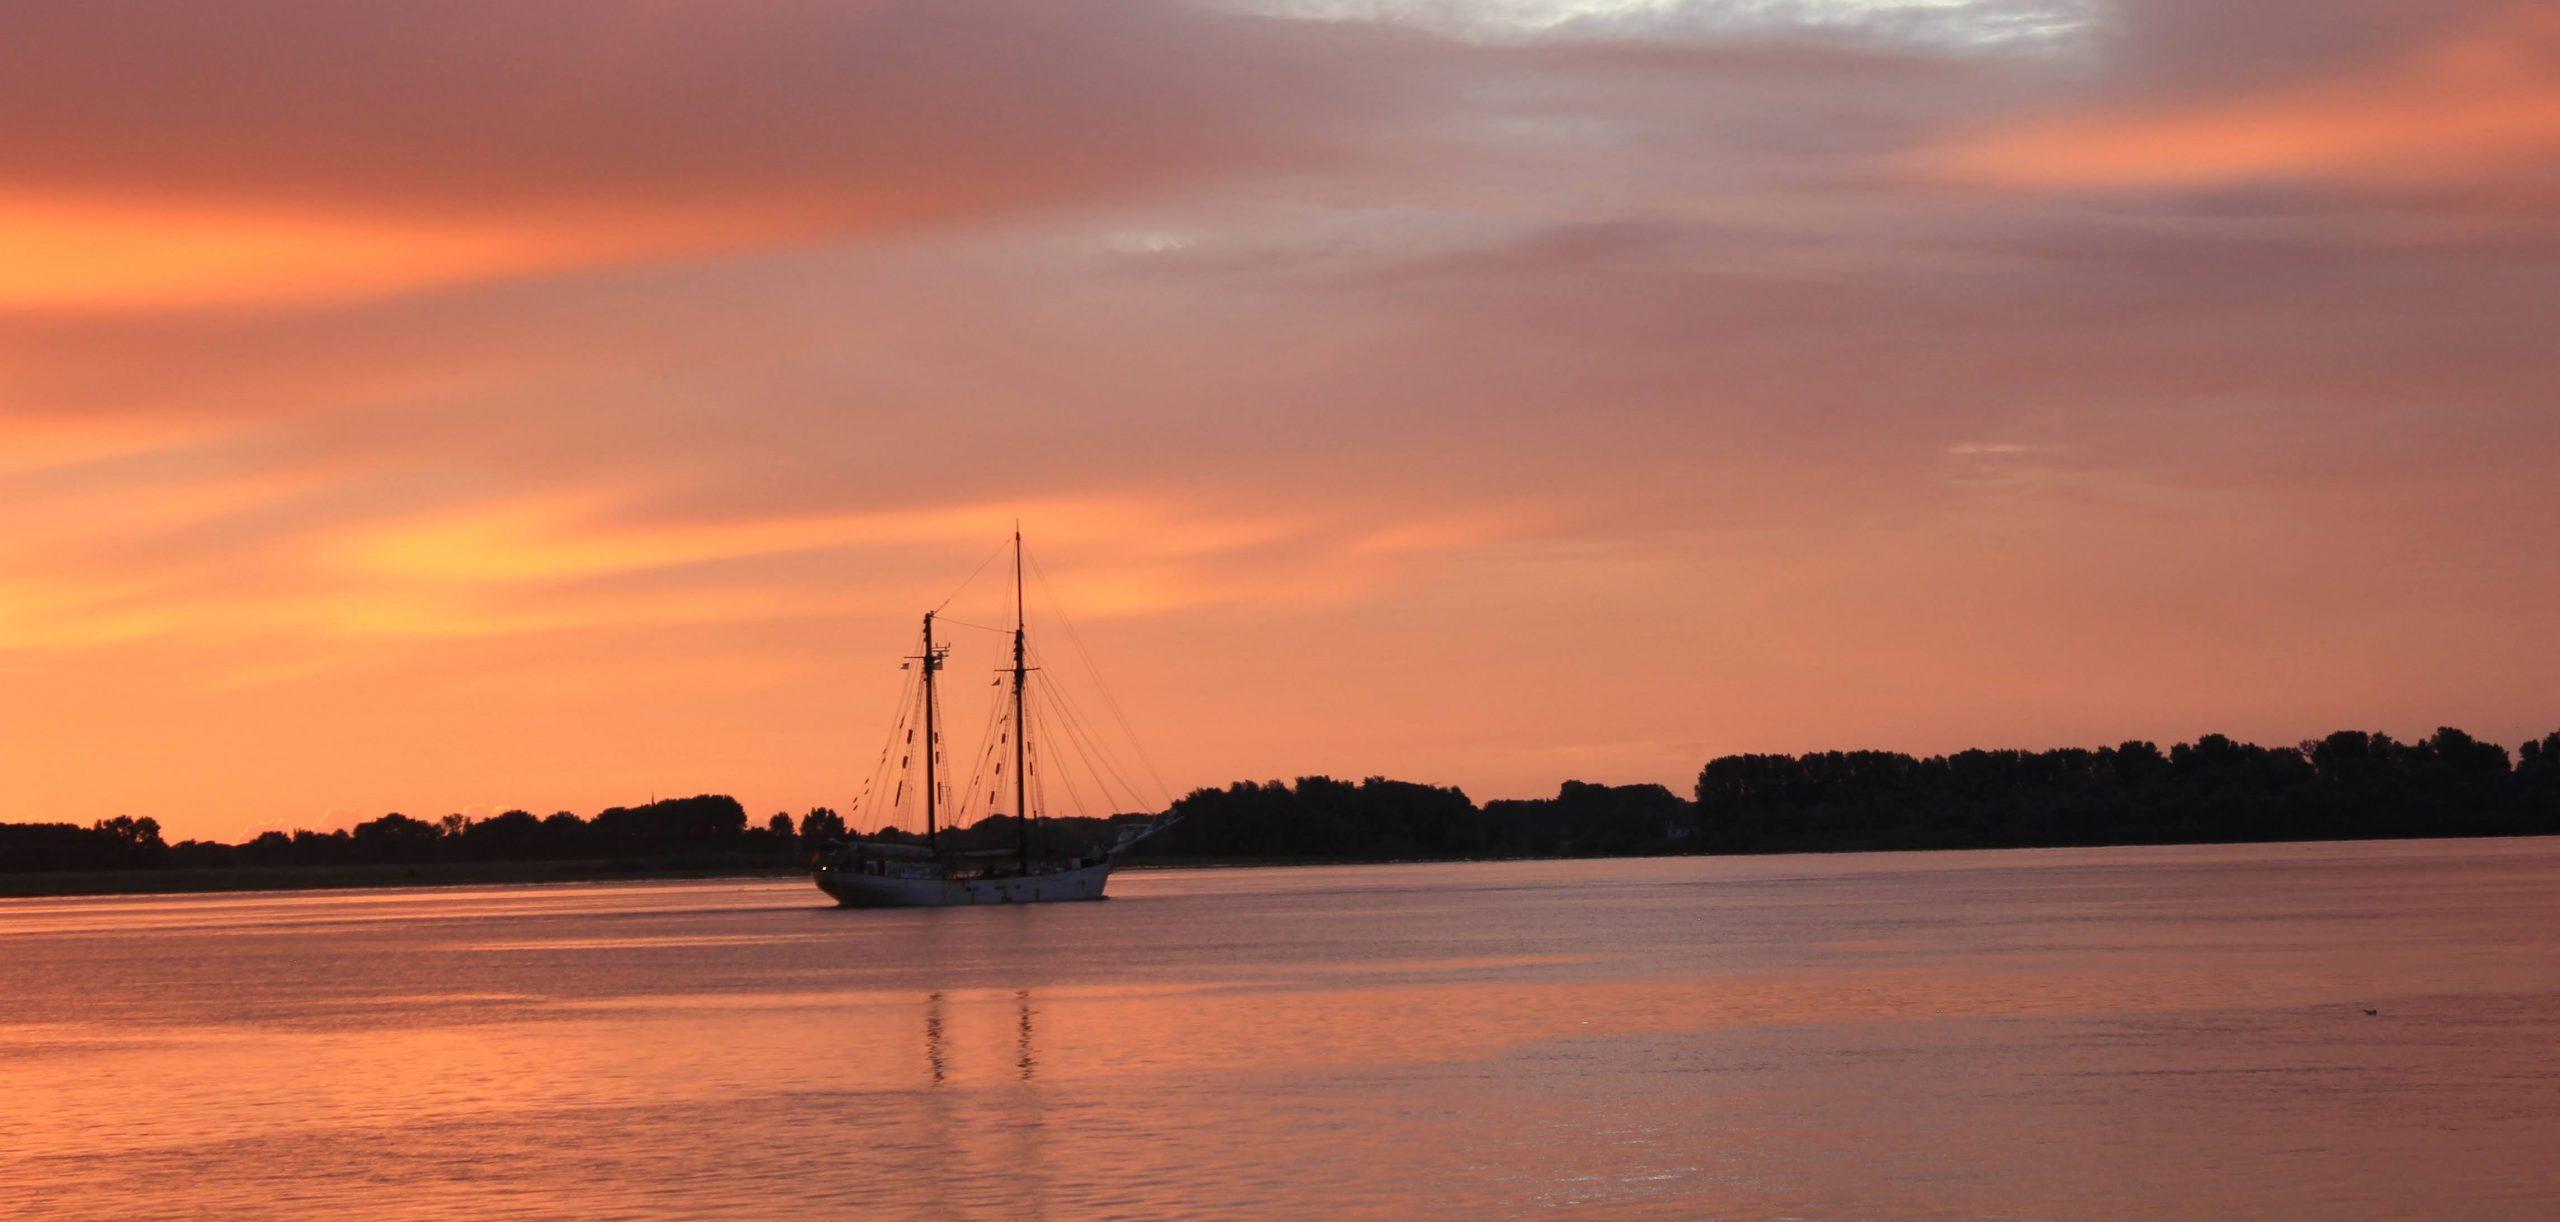 Avontuur im Sonnenaufgang kurz vor Hamburg 2020